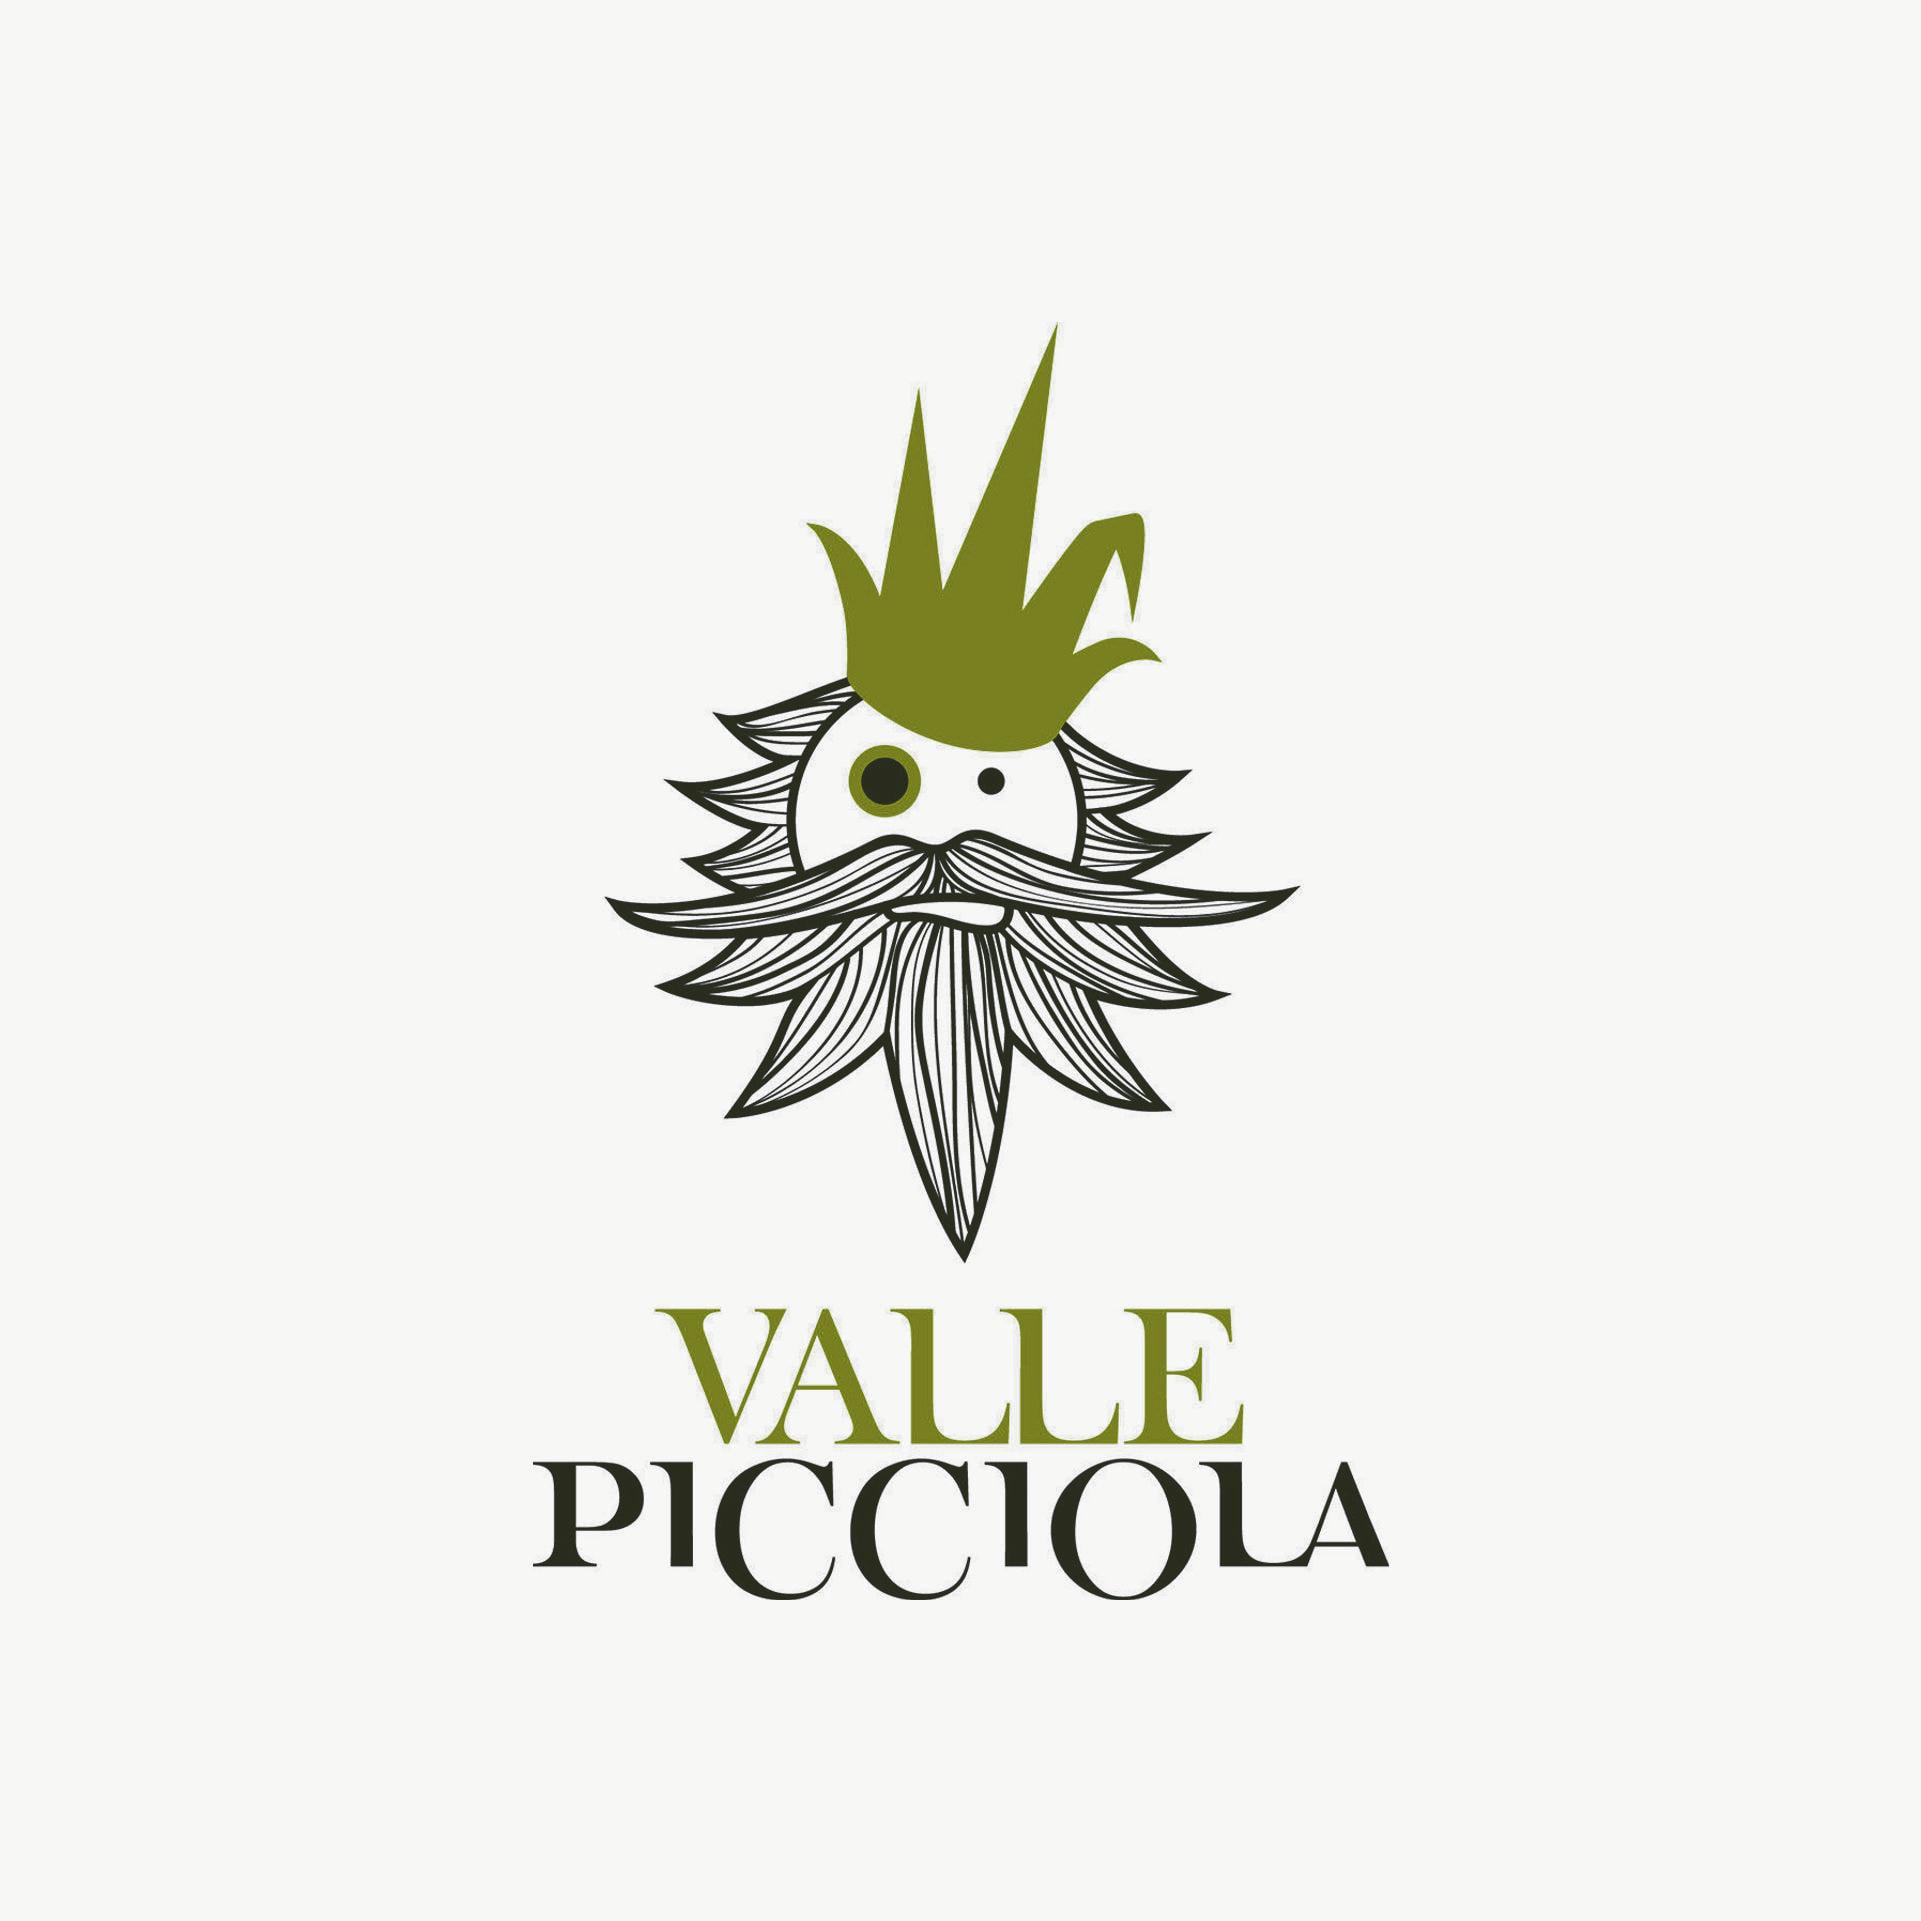 Valle Picciola